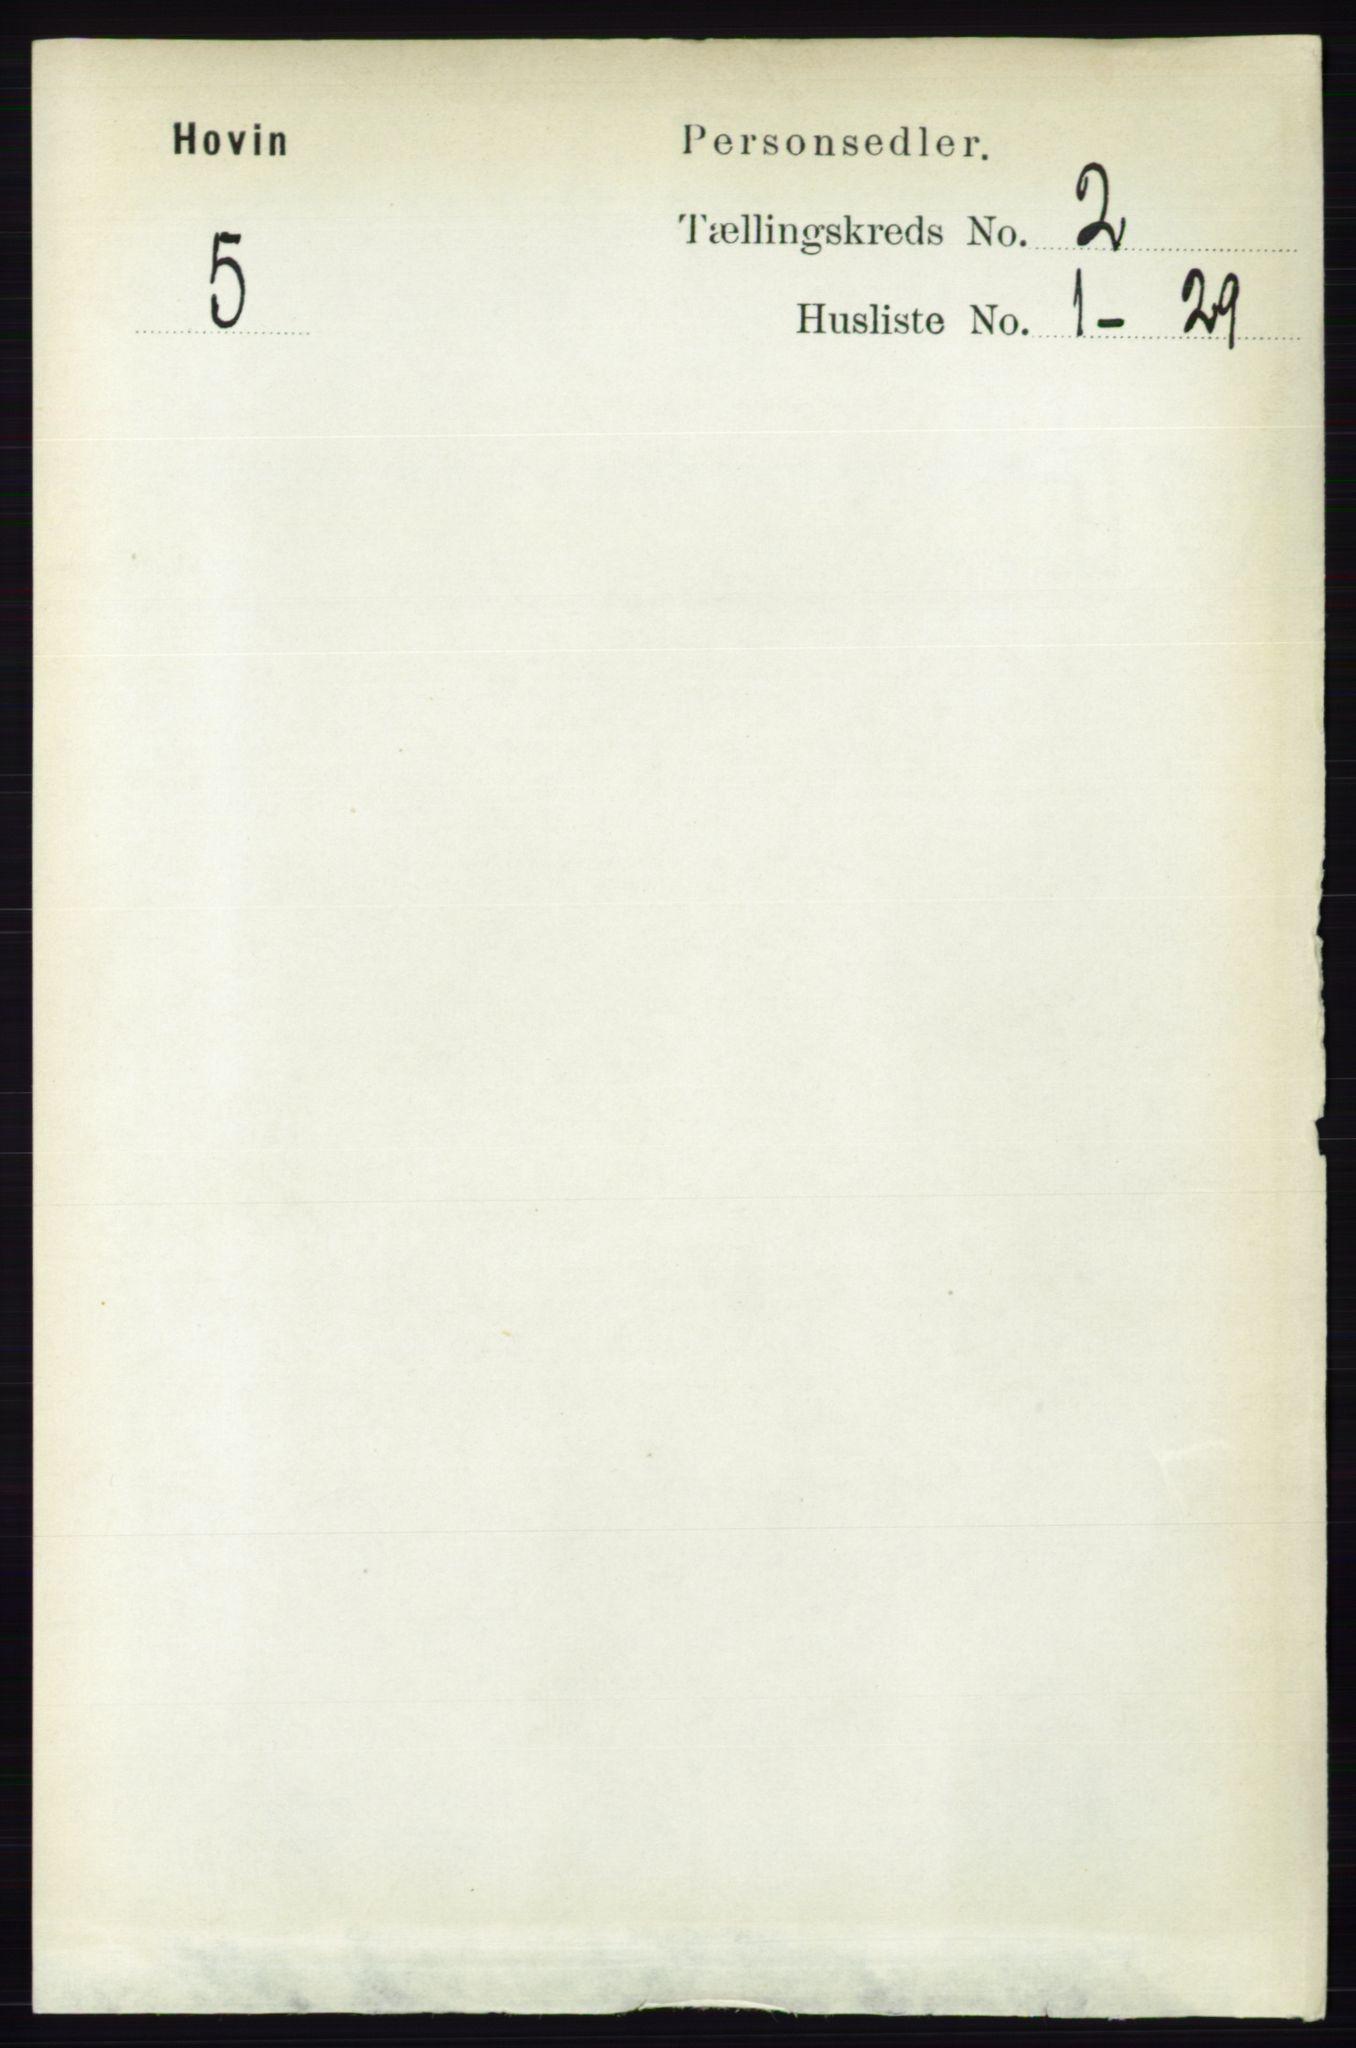 RA, Folketelling 1891 for 0825 Hovin herred, 1891, s. 489